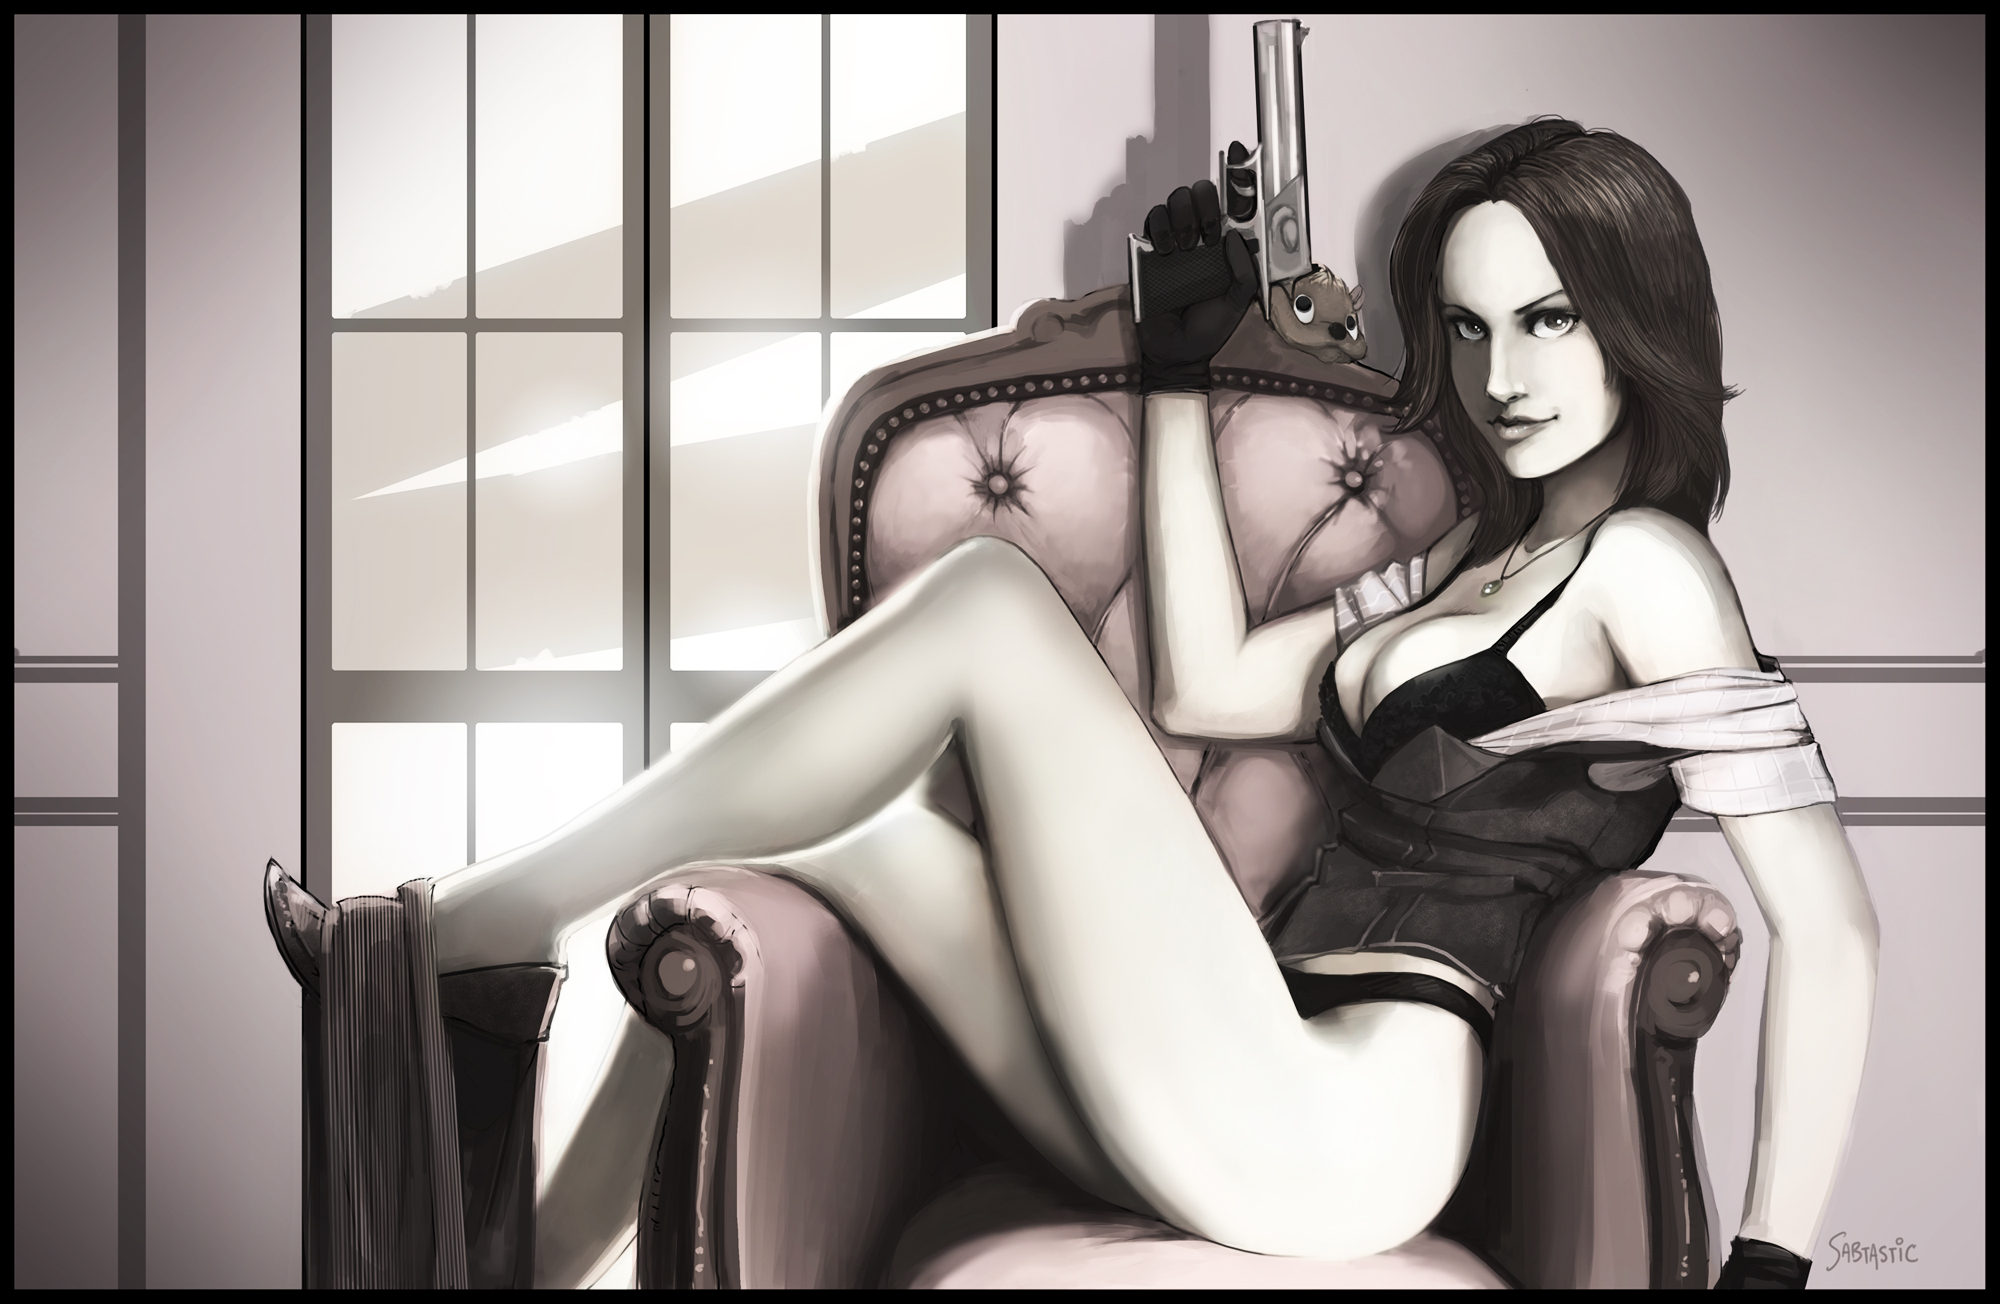 Обитель зла порно комиксы100